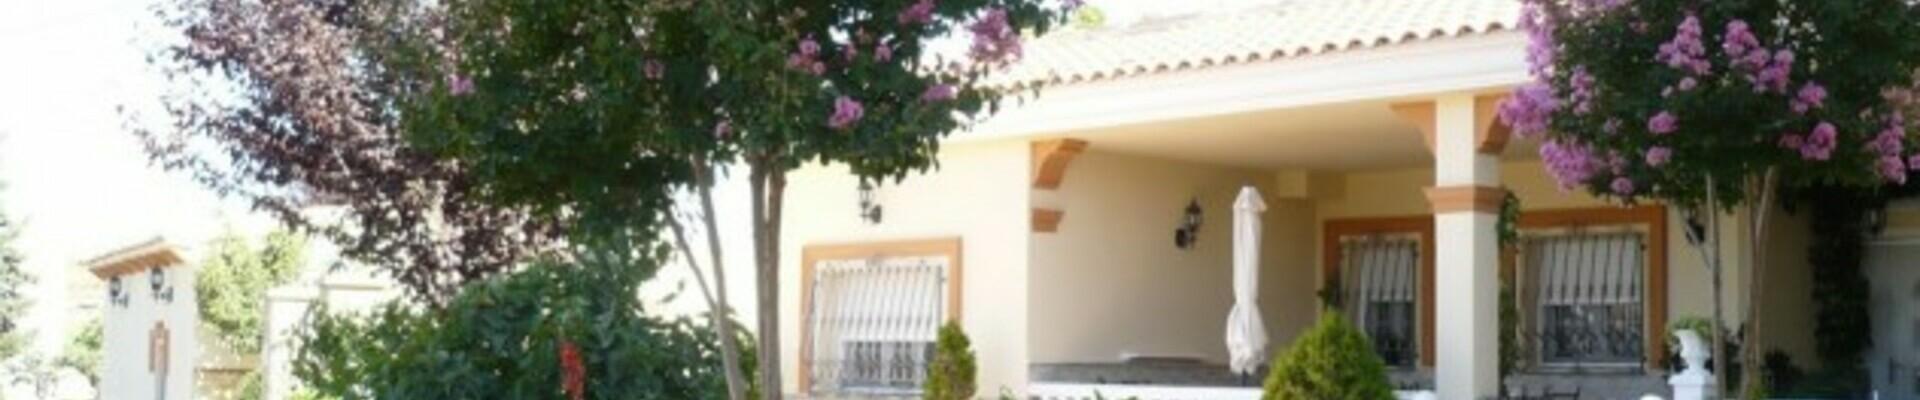 AF697: 5 Bedroom Villa for Sale